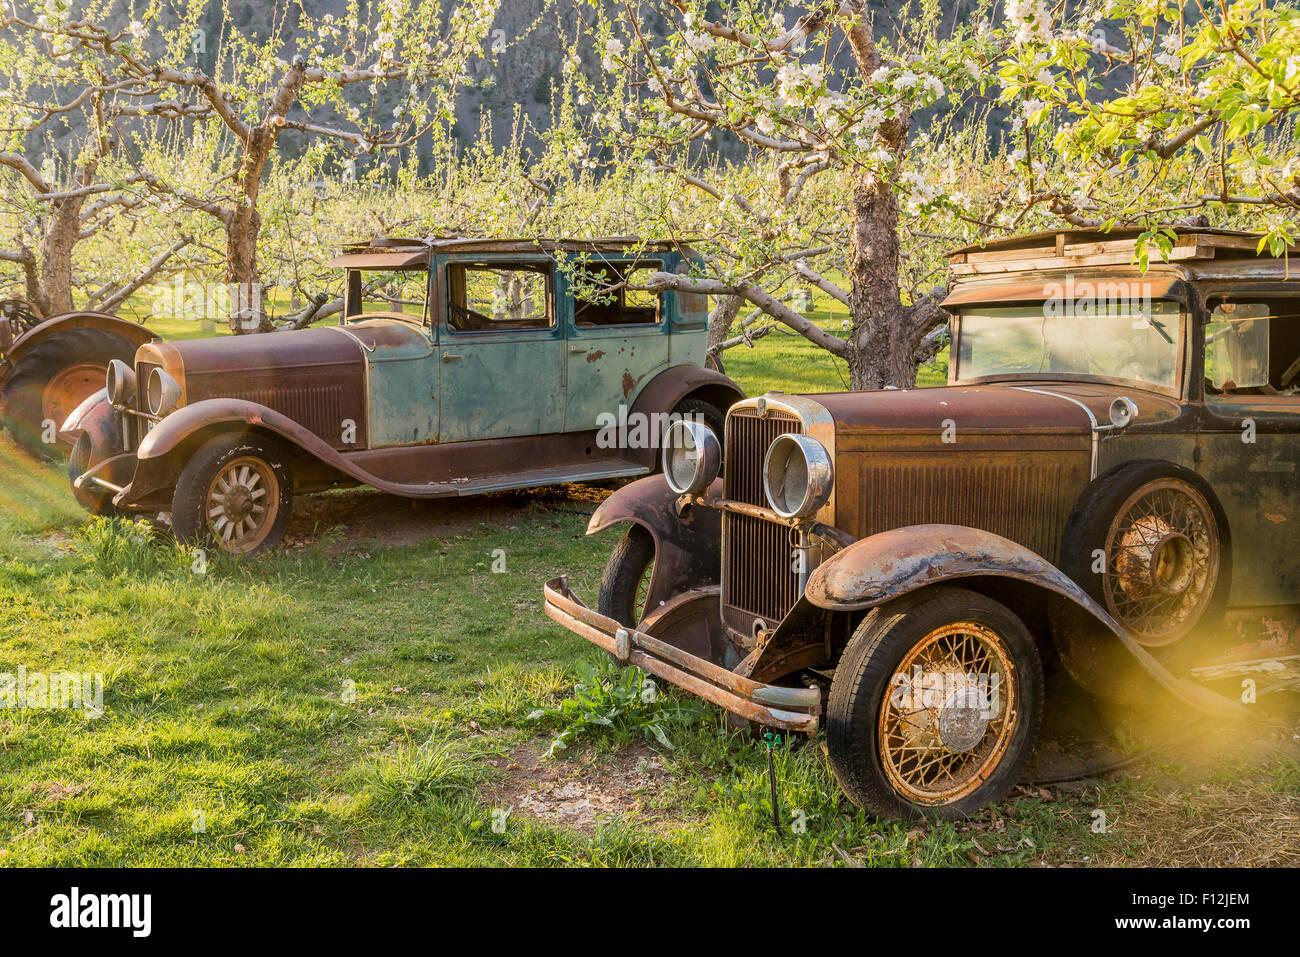 Vehículos antiguos oxidados, Parsons puesto de frutas, Keremeos, Similkameen Valley, British Columbia, Canadá Imagen De Stock